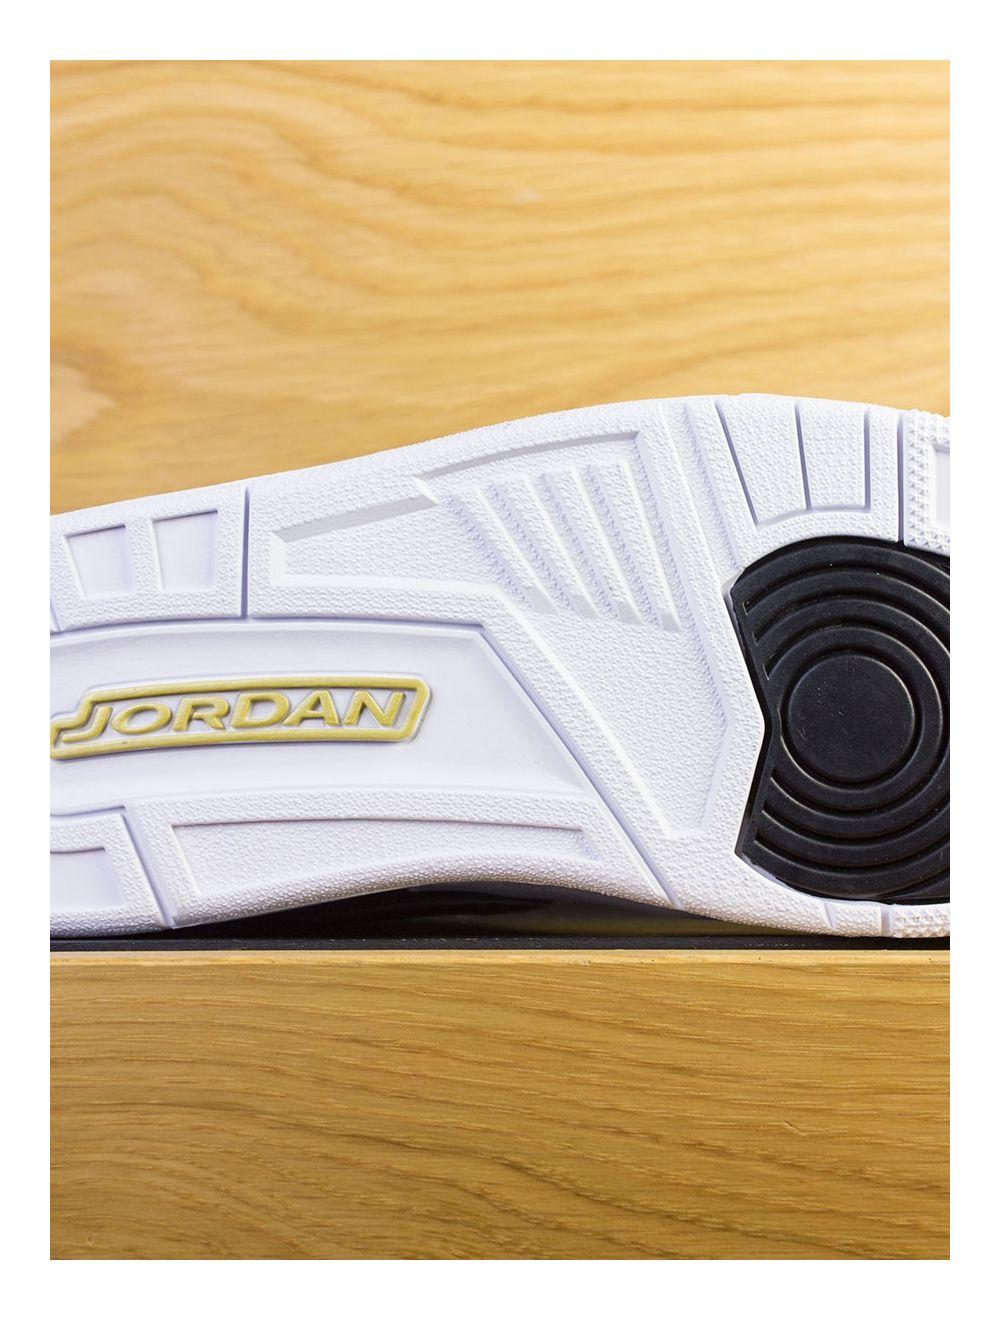 san francisco 97a2d 47280 Nike Air Jordan Legacy 312 x DON C - Black Metallic Gold White